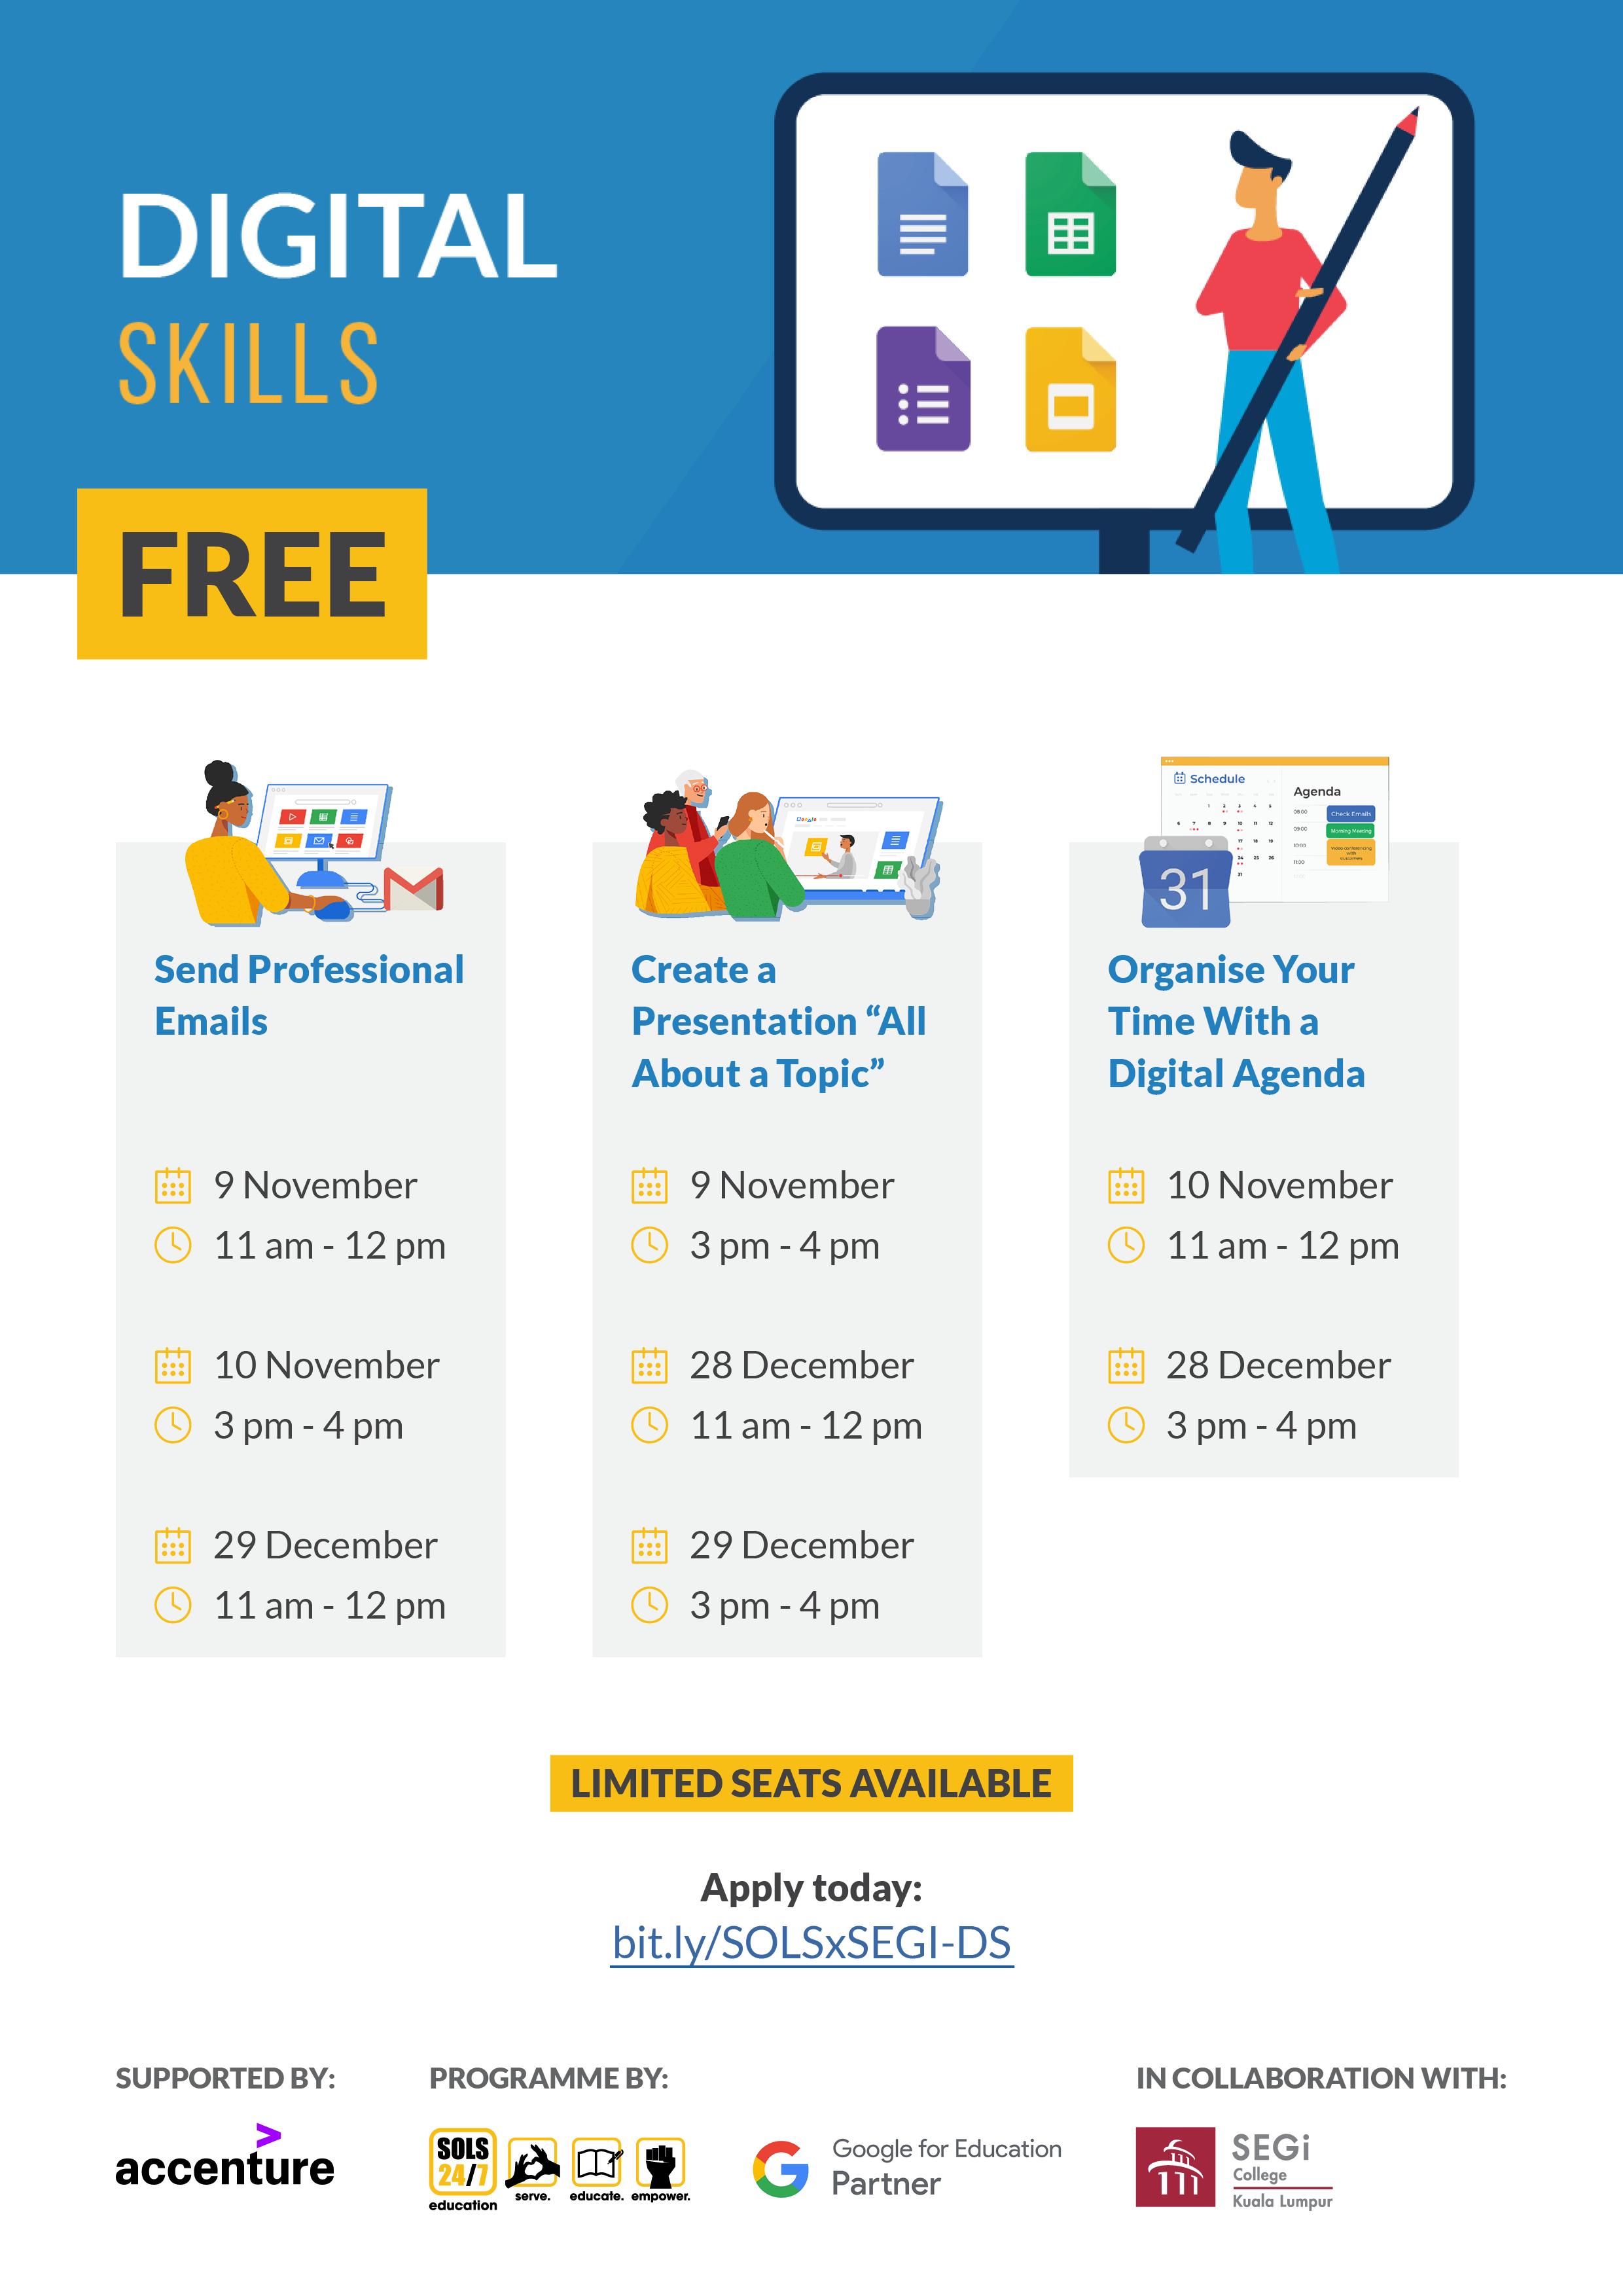 SOLS Education Poster on Digital Skills Workshops